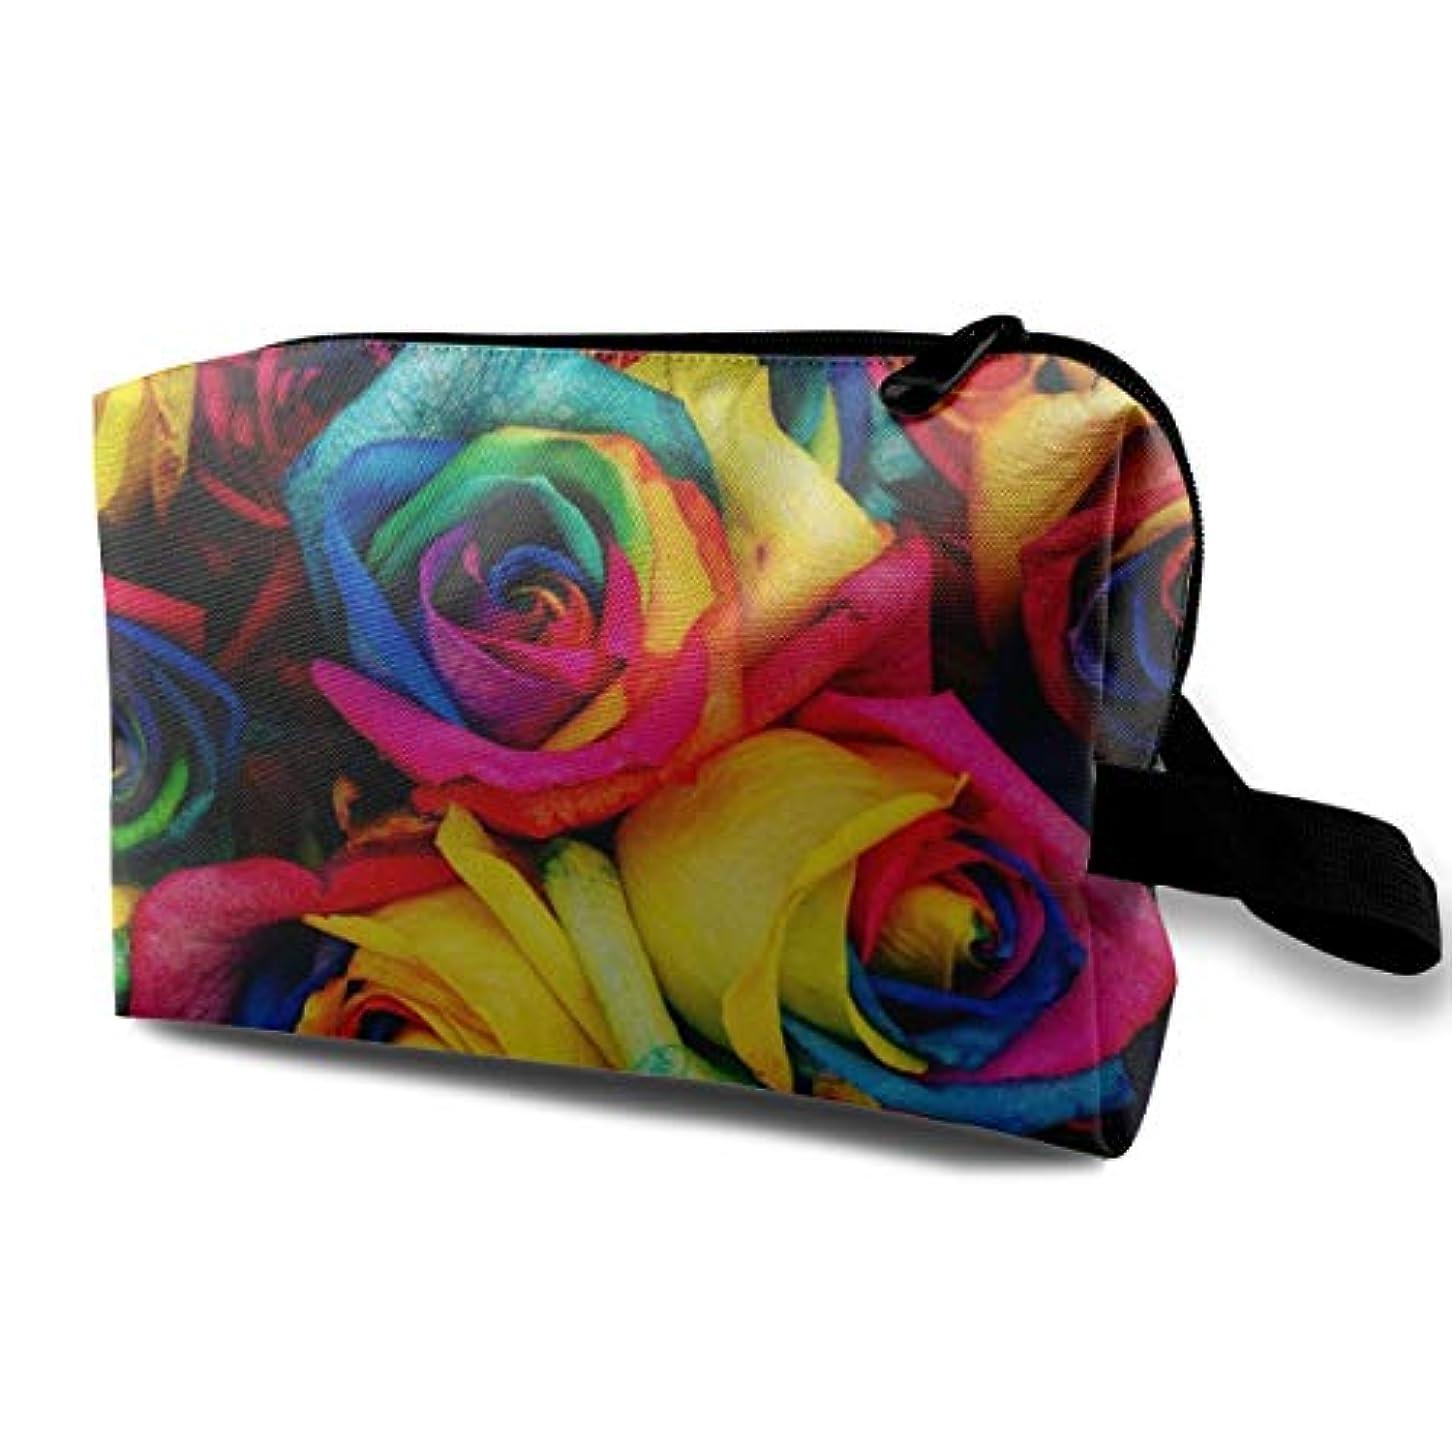 所有権湖今日Colorful Rainbow Rose Flowers 収納ポーチ 化粧ポーチ 大容量 軽量 耐久性 ハンドル付持ち運び便利。入れ 自宅?出張?旅行?アウトドア撮影などに対応。メンズ レディース トラベルグッズ